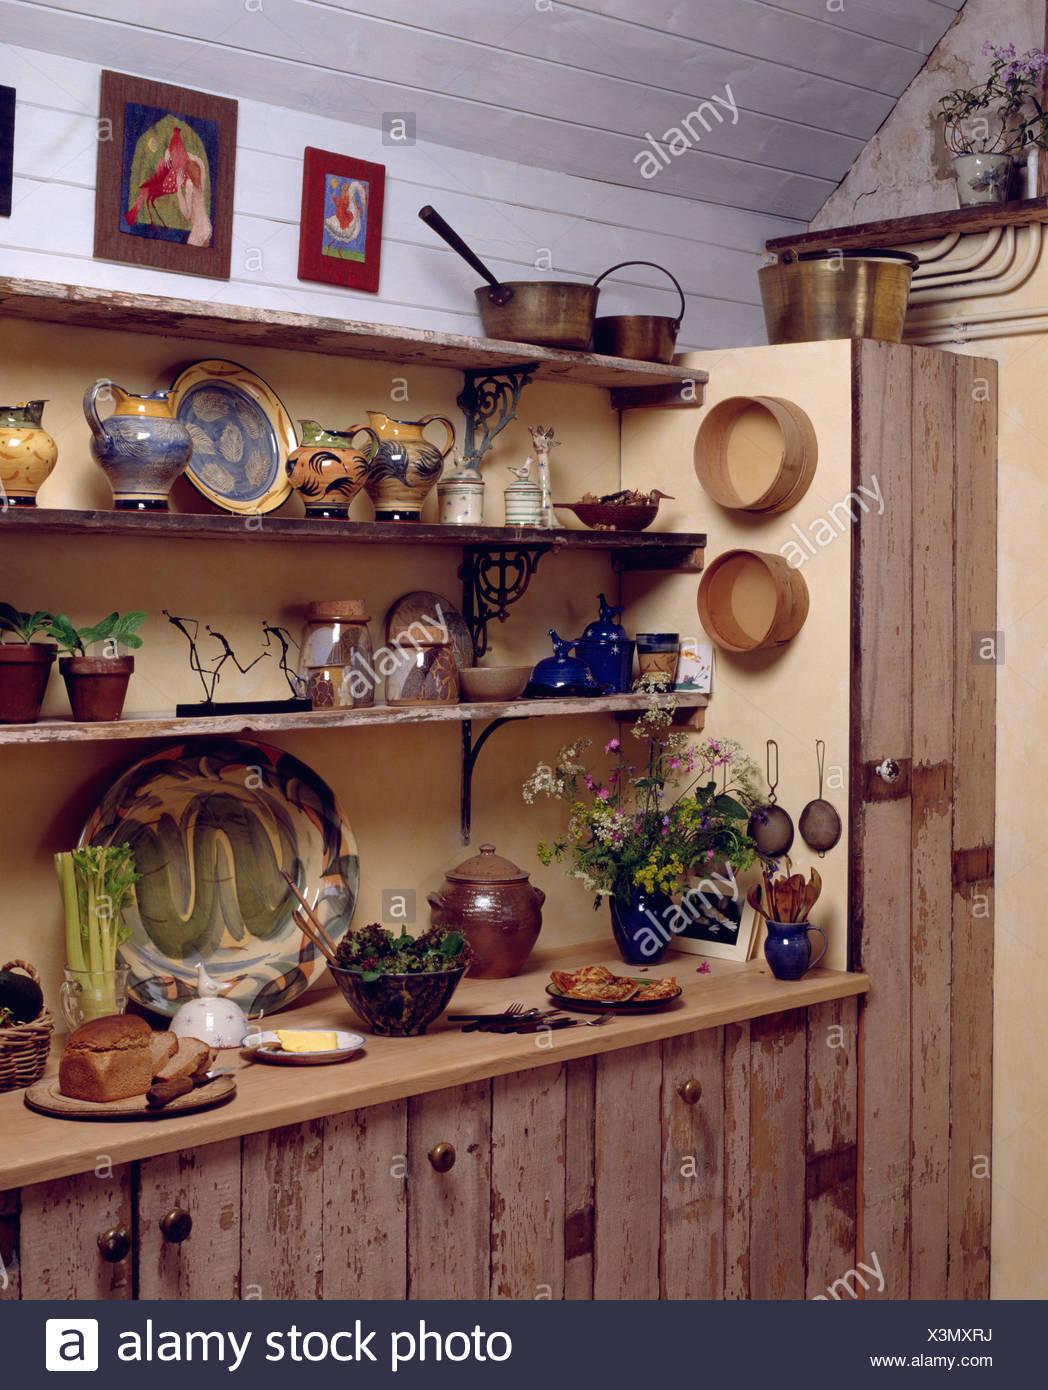 Platos de cerámica y la jarra en estanterías en casa cocina con unidades de  madera rústica 007d30990665